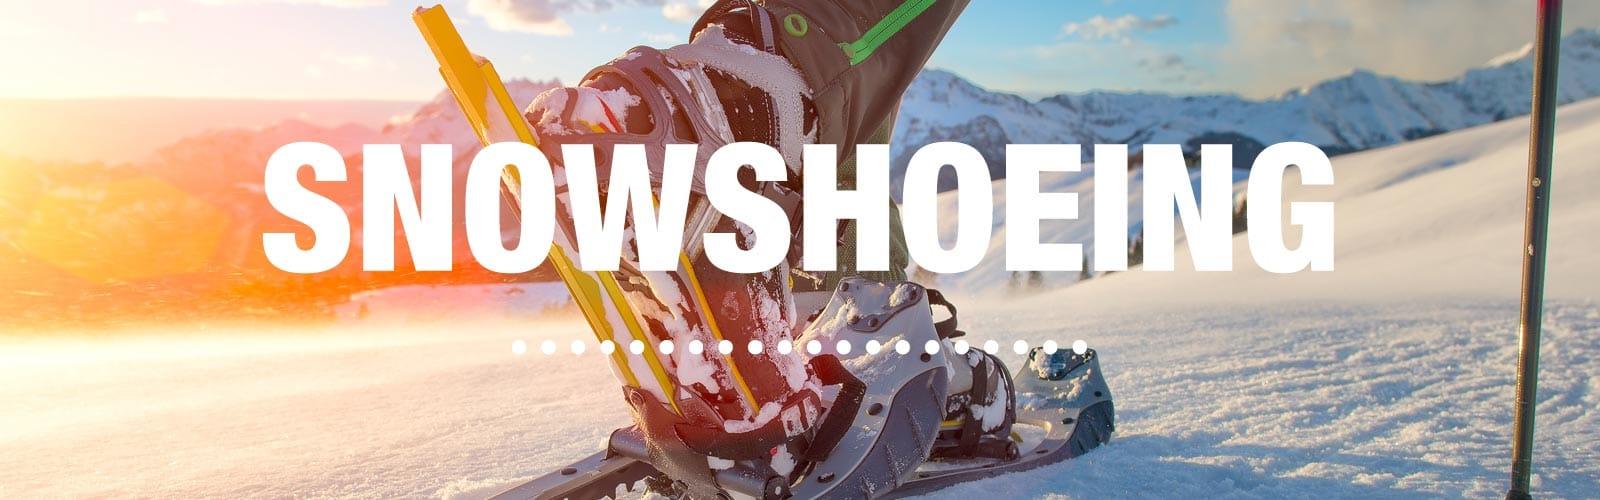 Snowshoeing Checklist